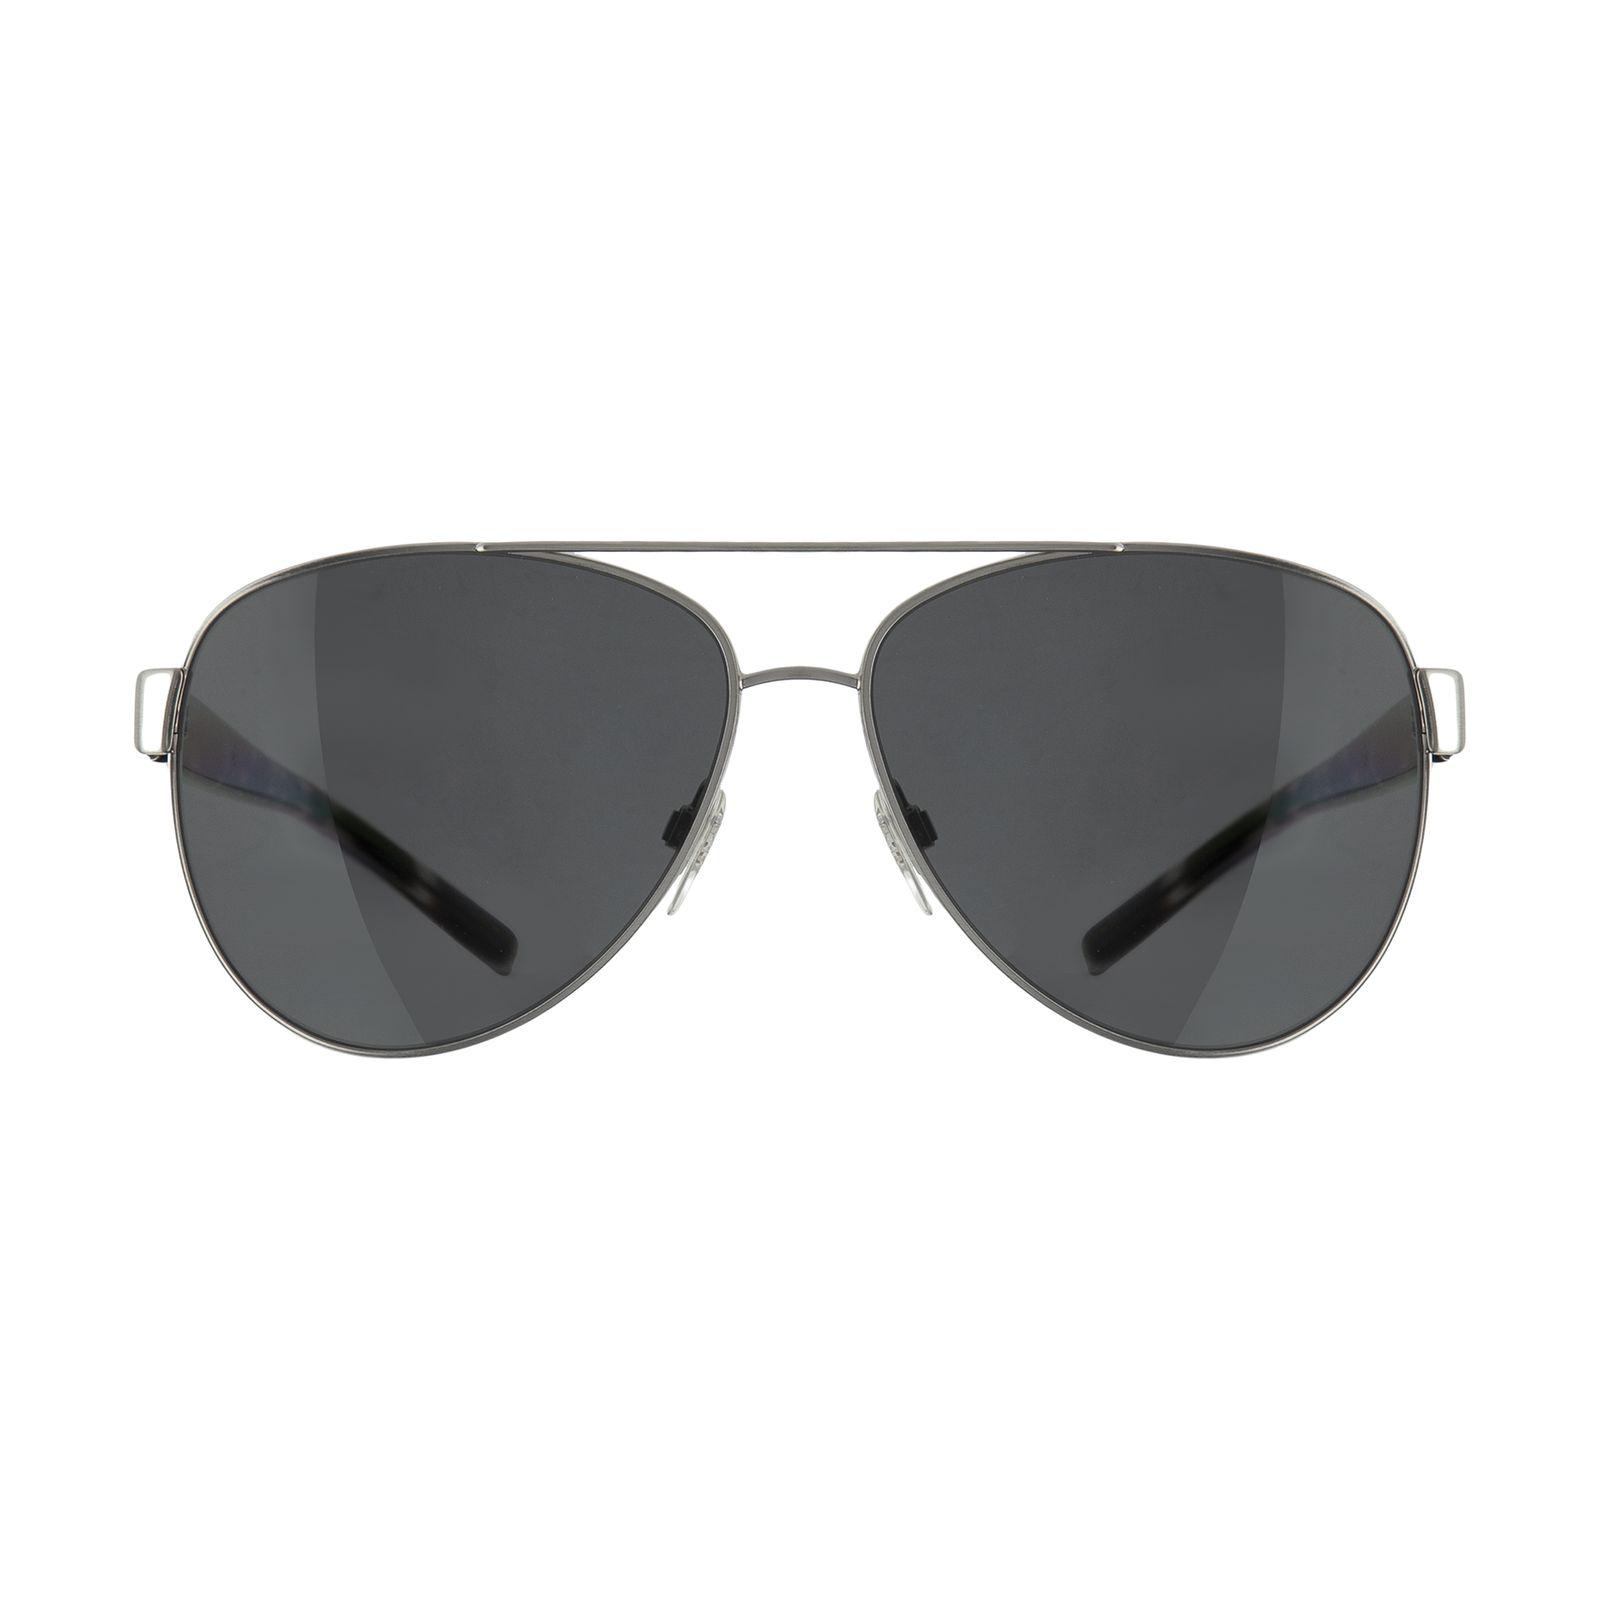 عینک آفتابی زنانه بربری مدل BE 3084S 122987 60 -  - 2